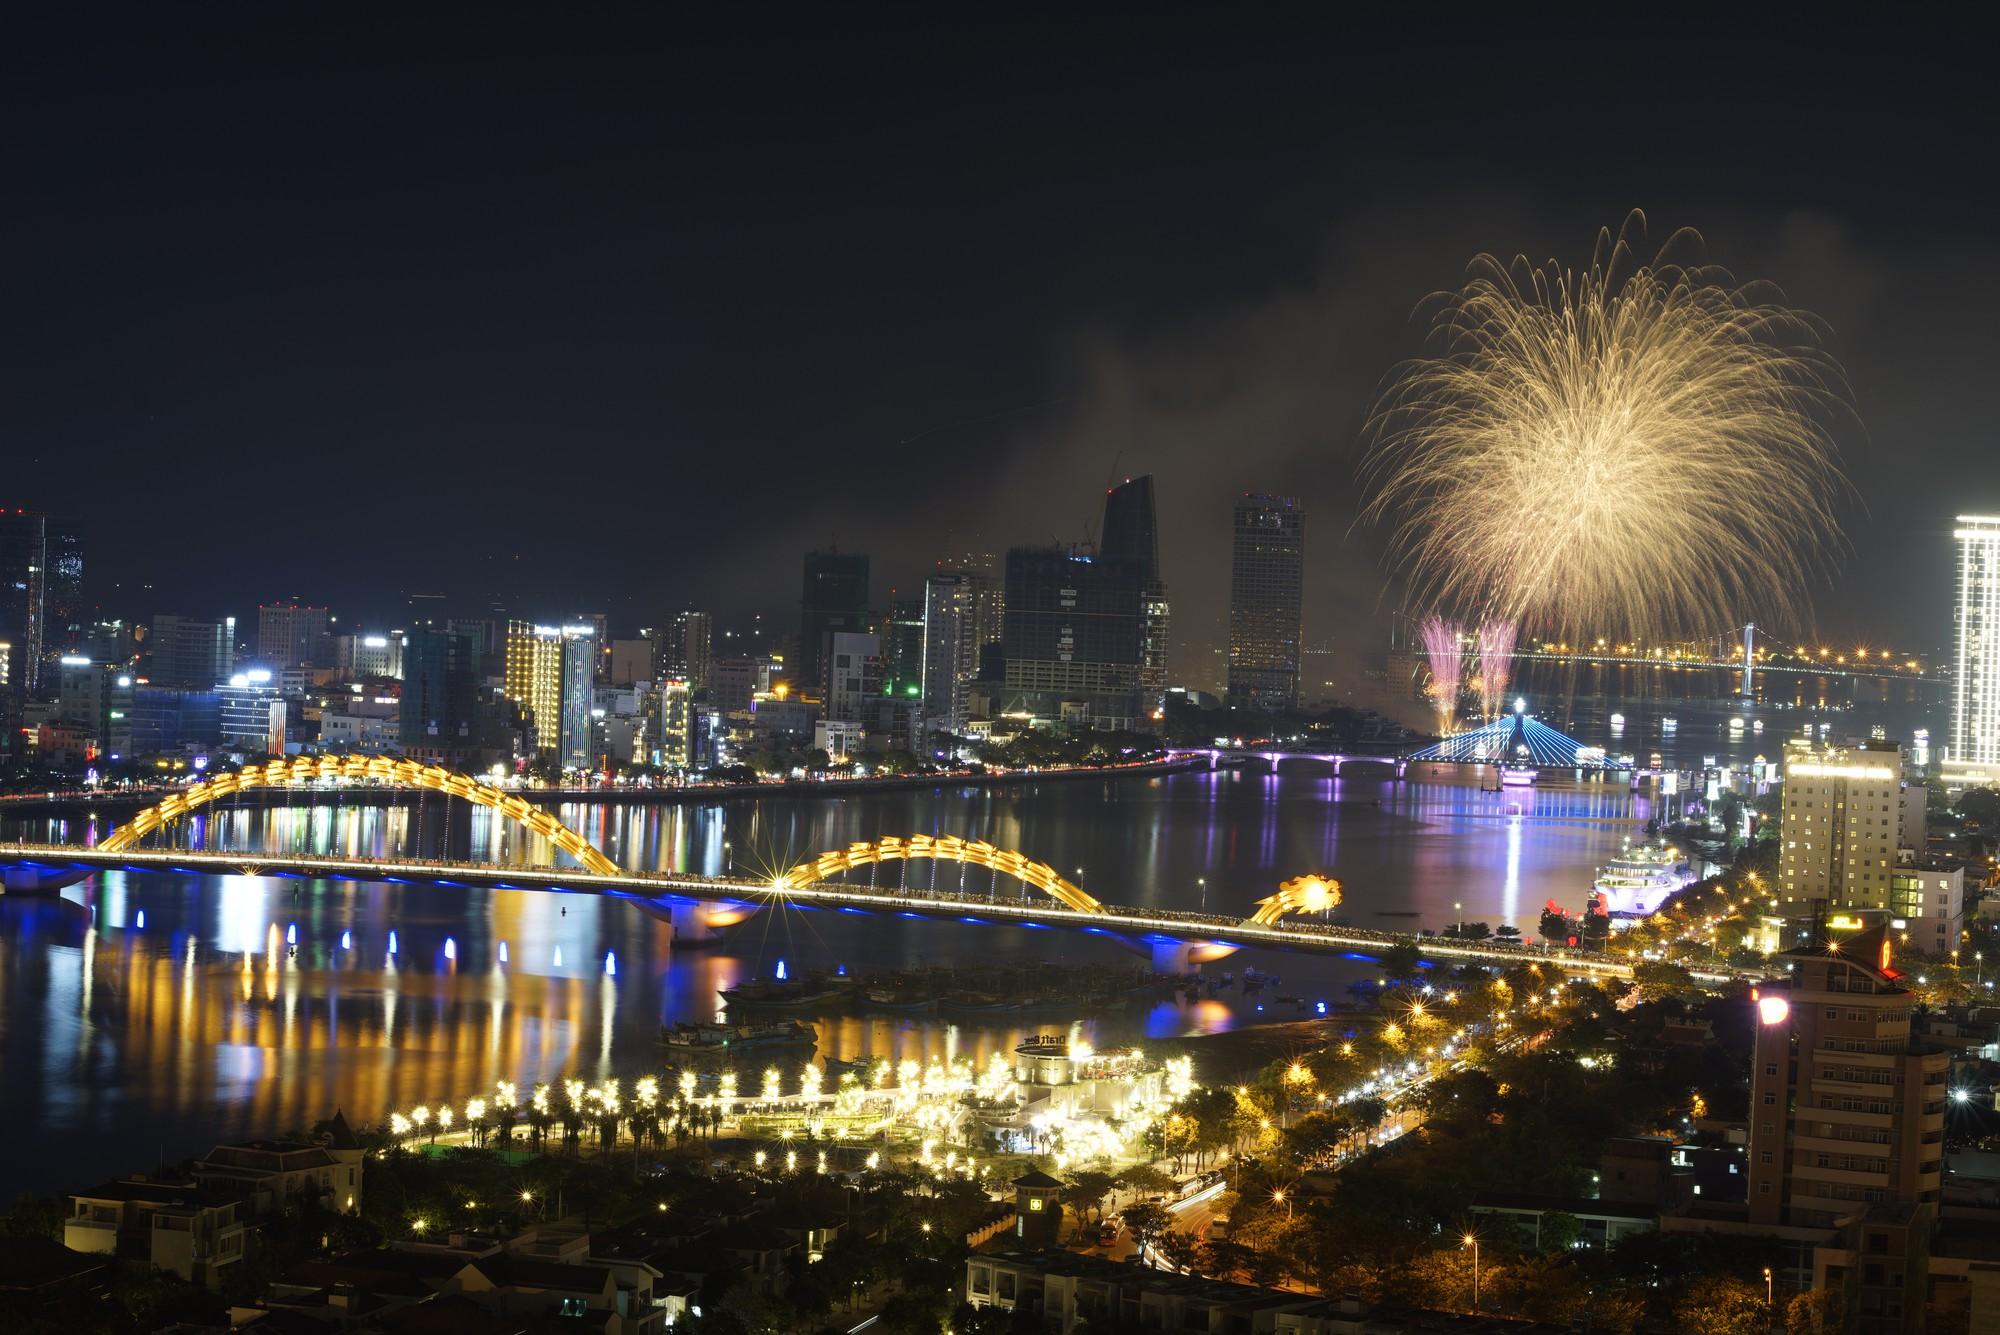 Brasil và Bỉ gửi thông điệp tình yêu bằng ánh sáng pháo hoa trên sông Hàn - Ảnh 7.